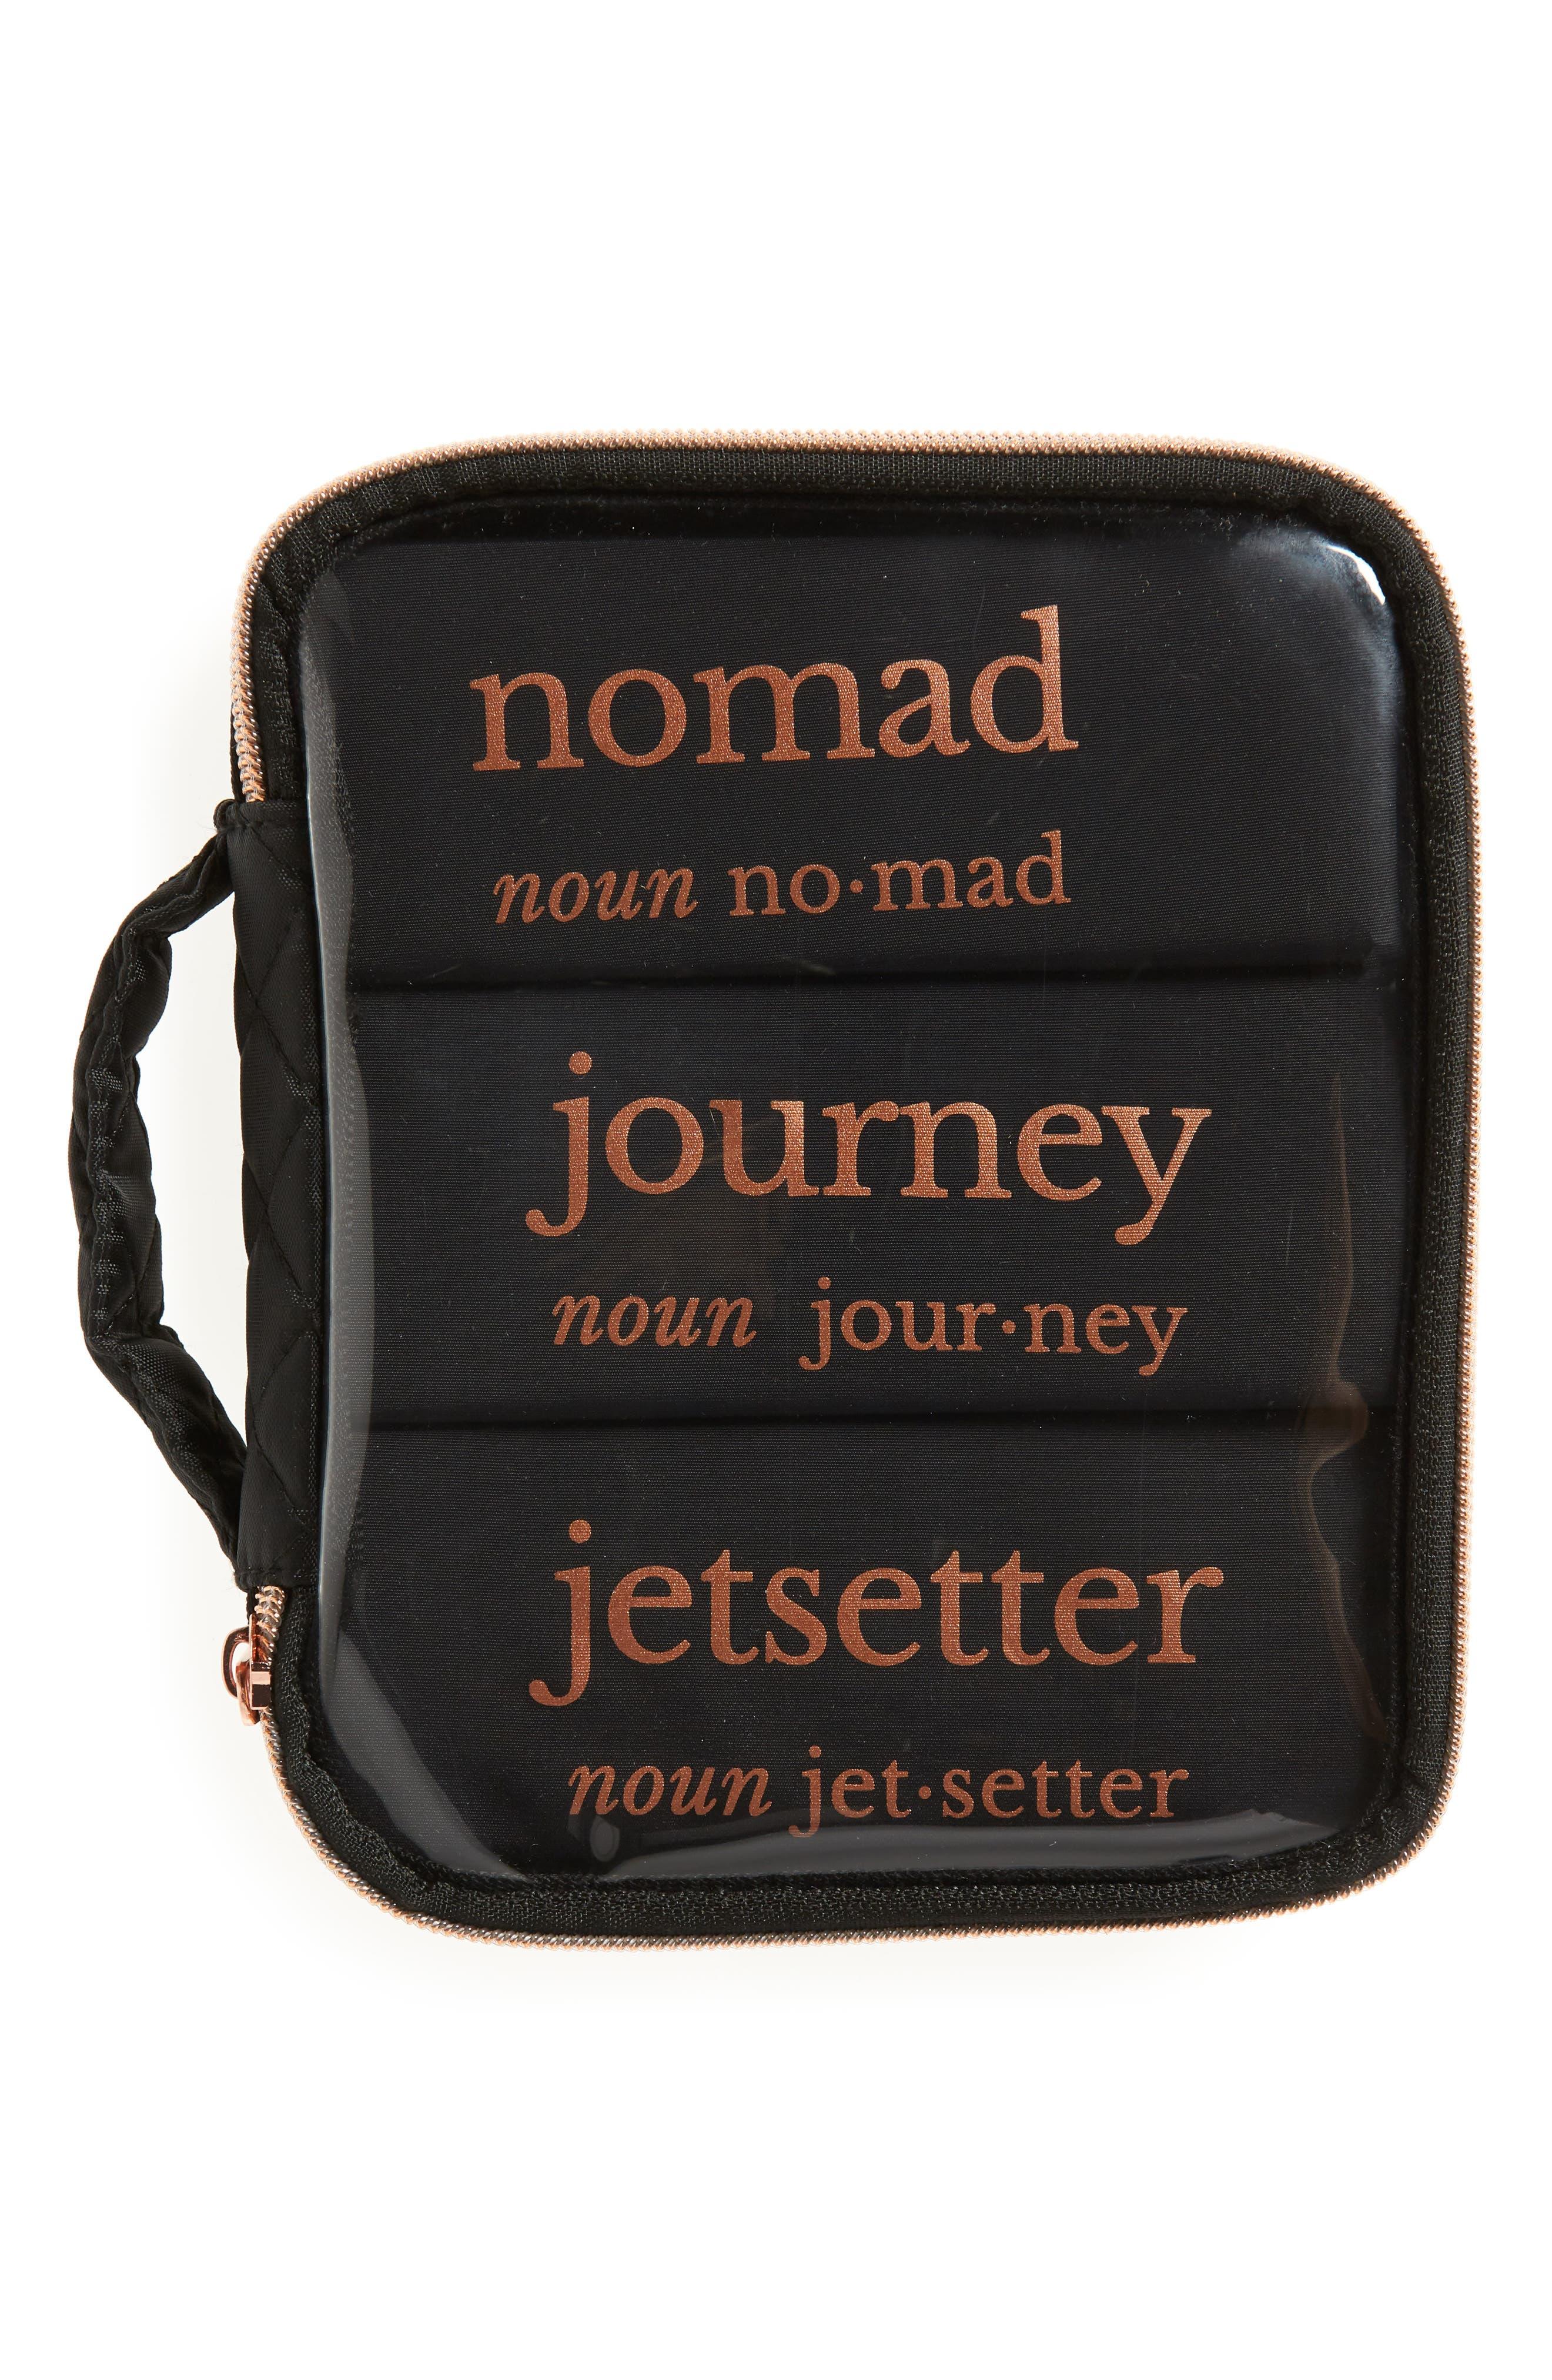 MyTagalongs Set of 3 Jetsetter Drawstring Travel Bags